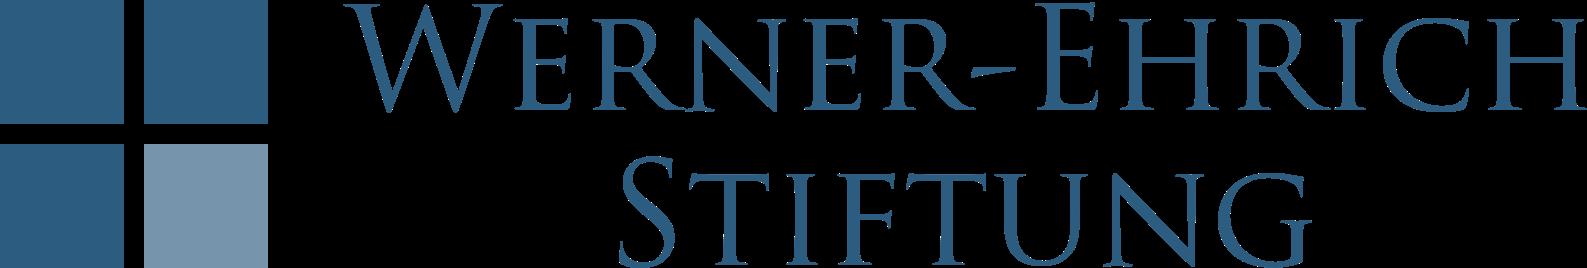 Werner-Ehrich-Stiftung